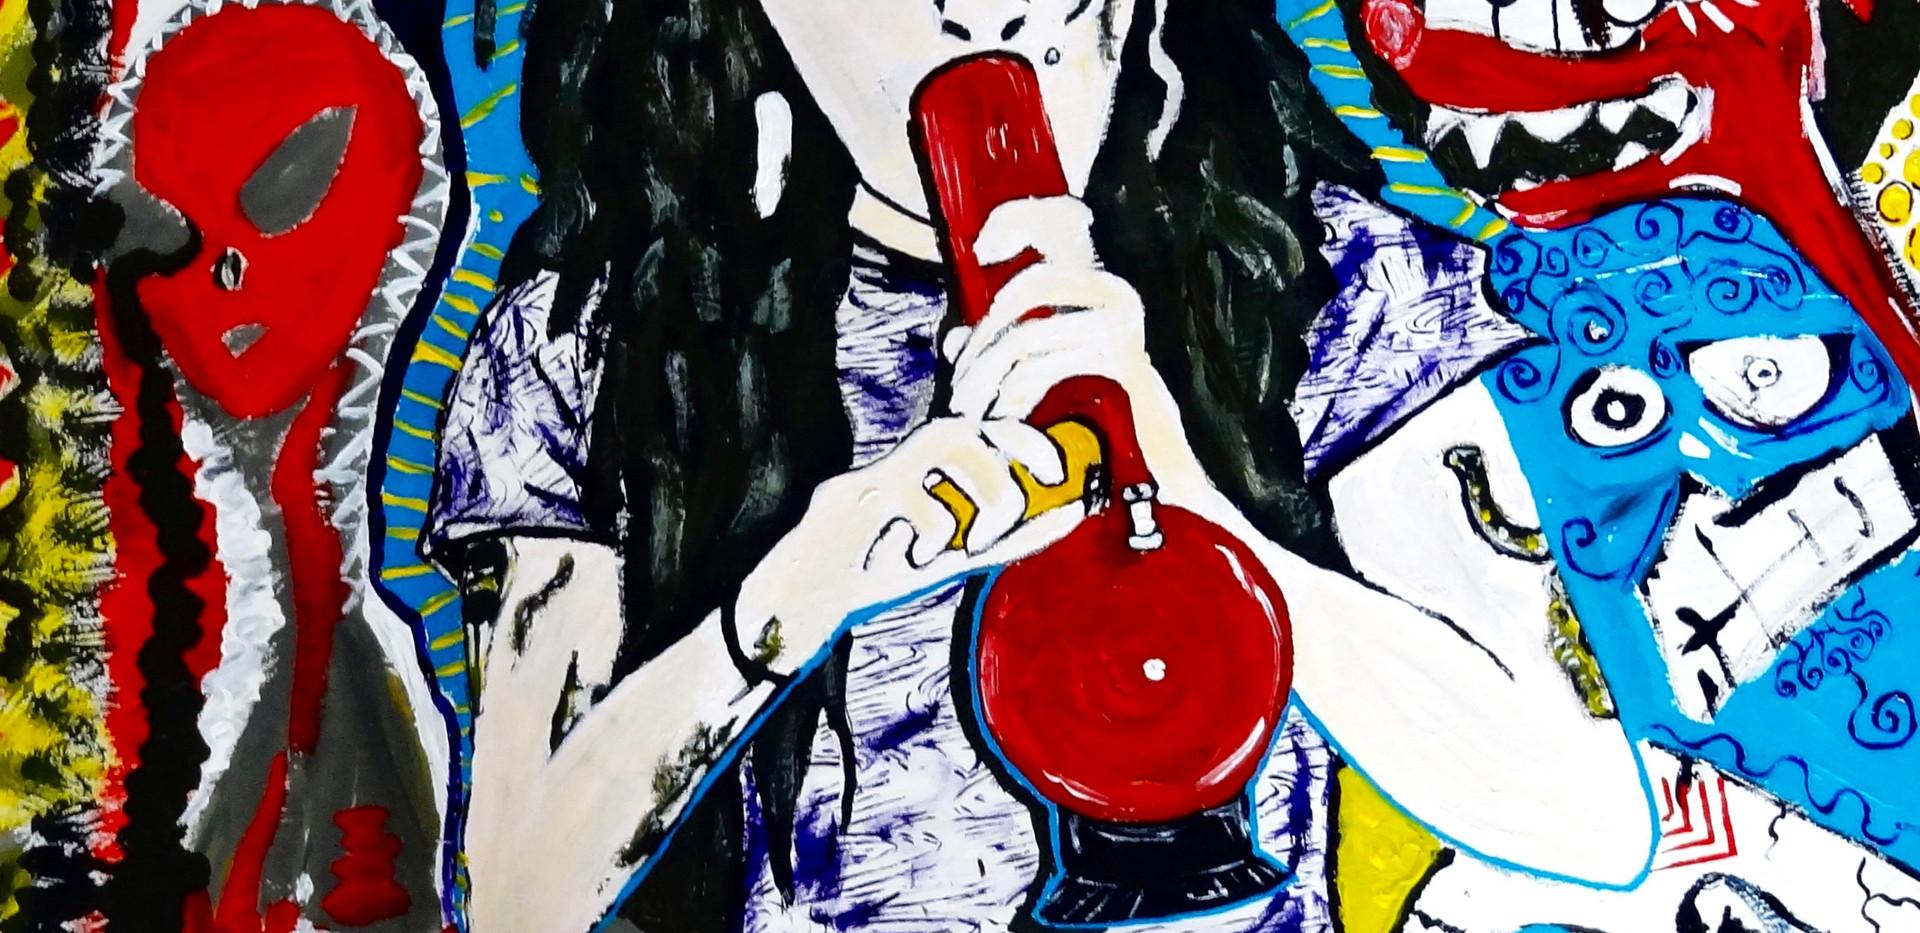 Amy Winehouse 2016. Acrylic on Wood.